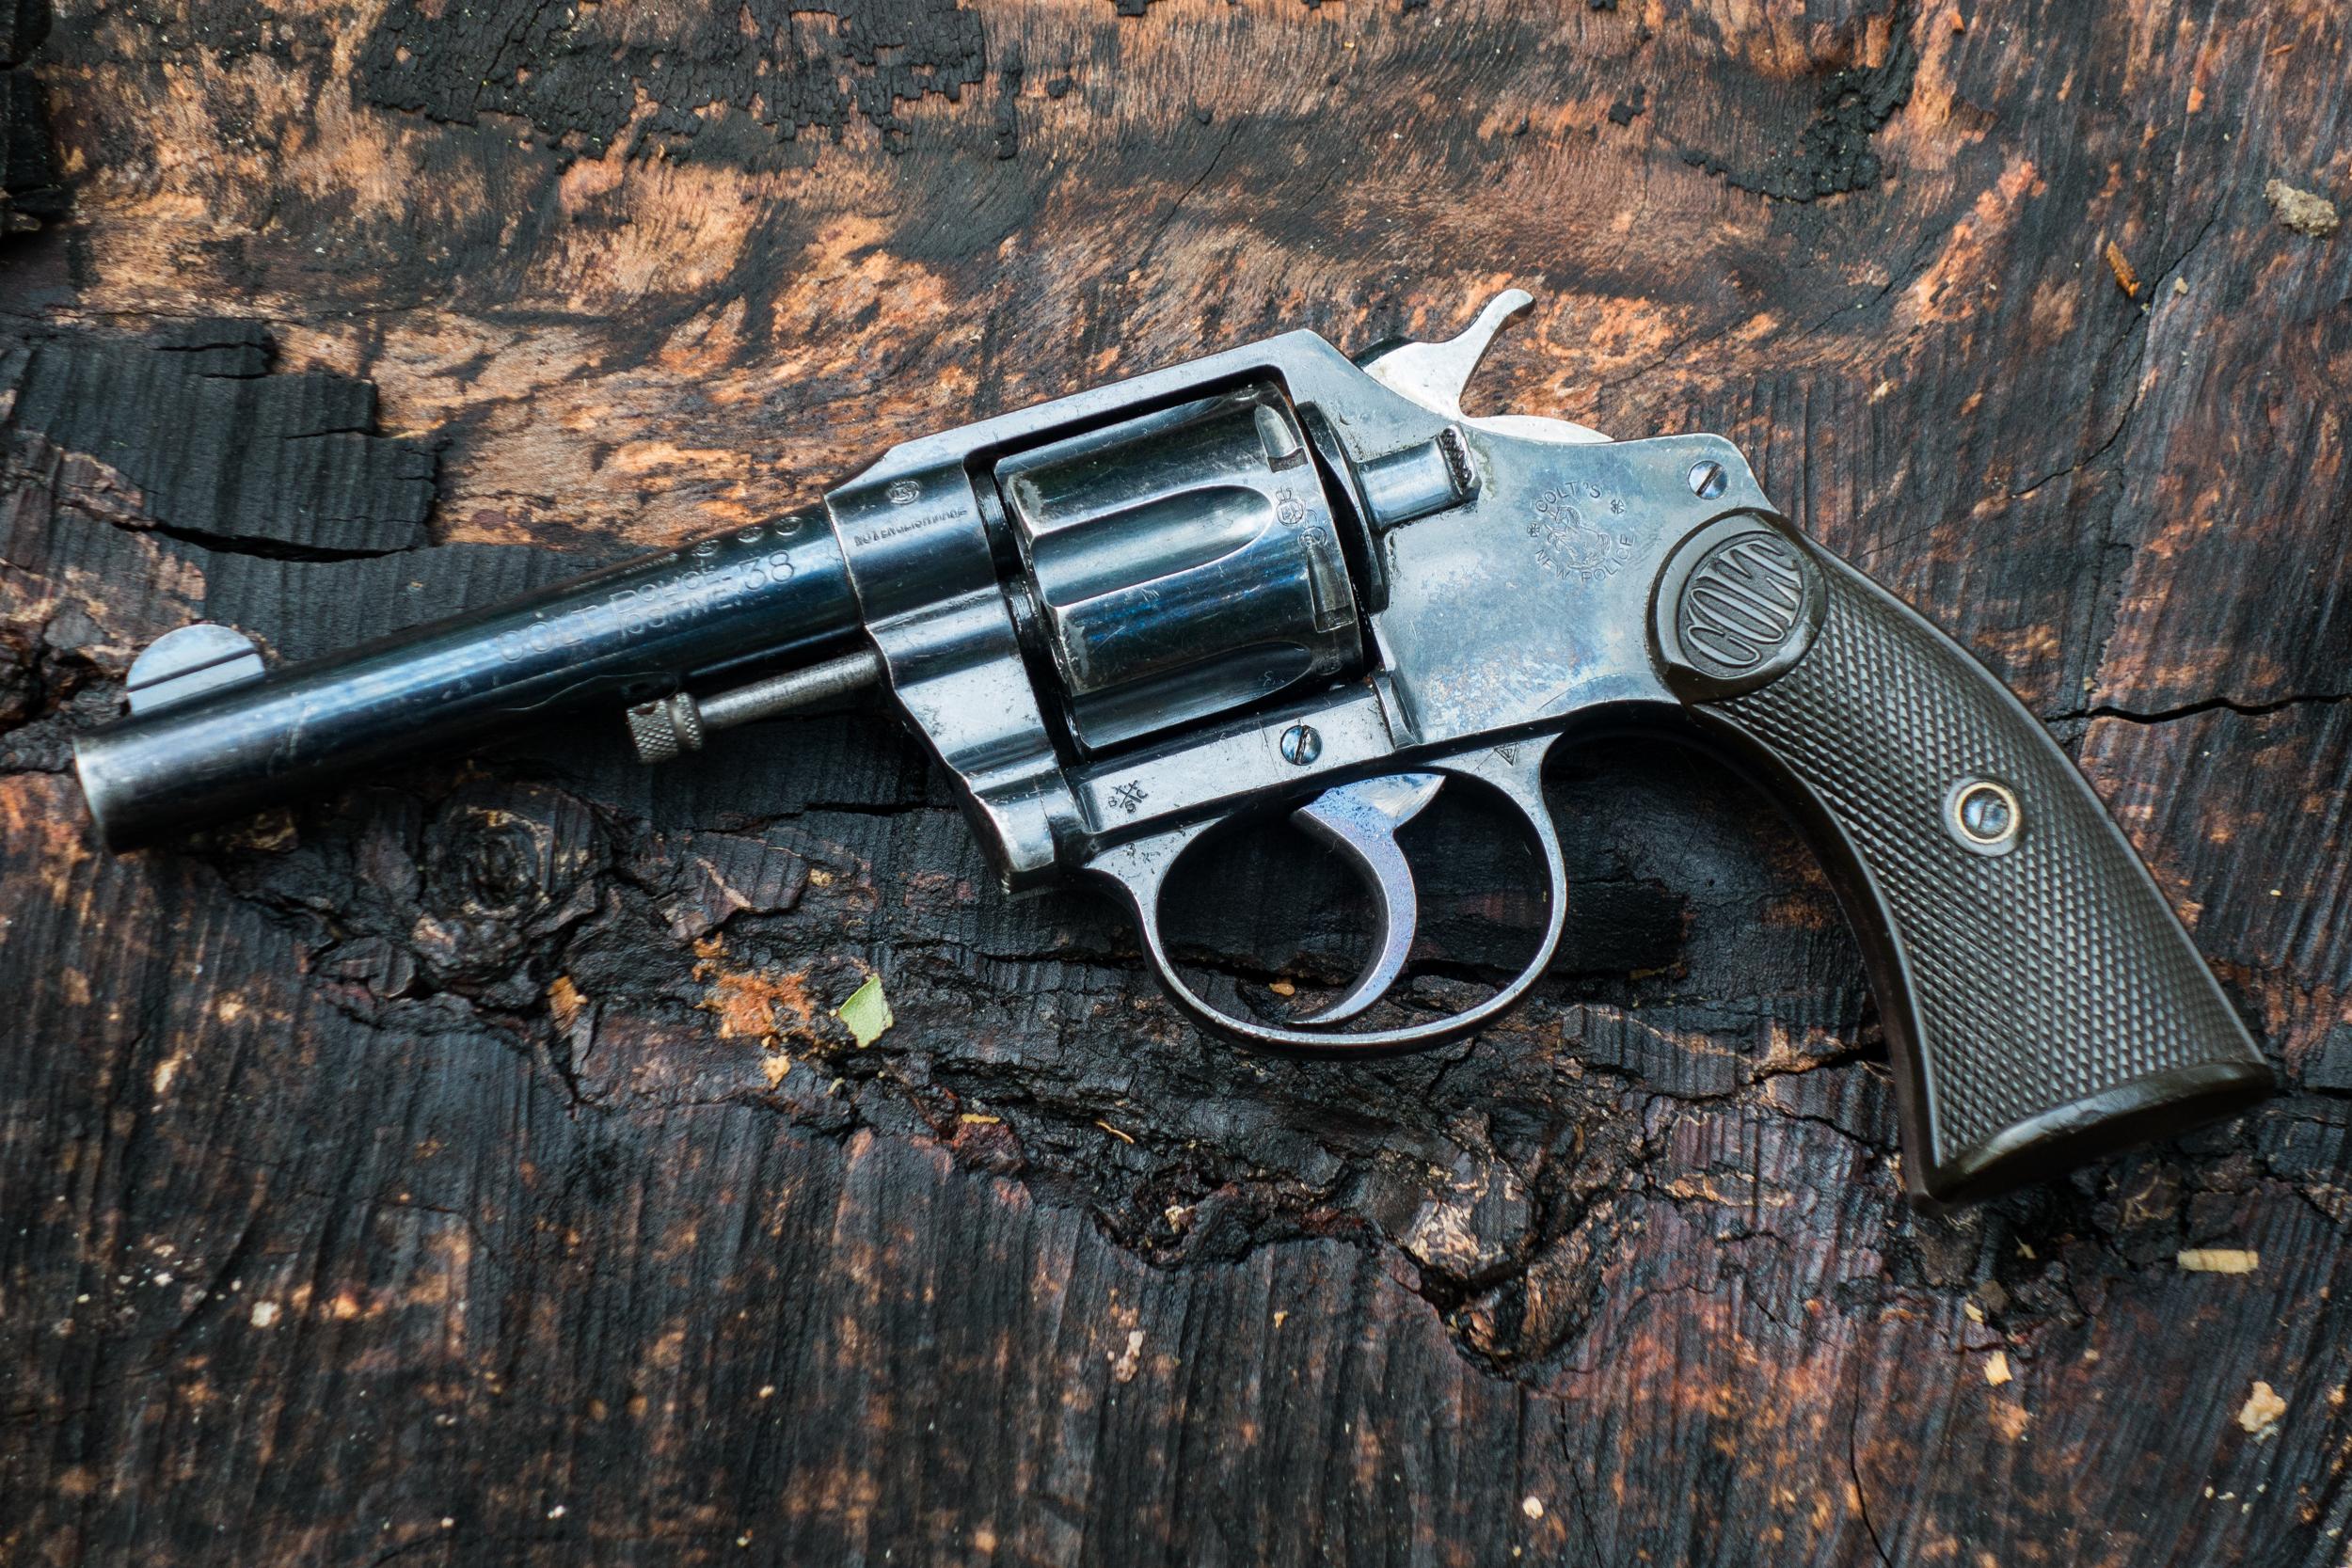 травой, фото обычного черного ствола револьвера этом разделе представлены